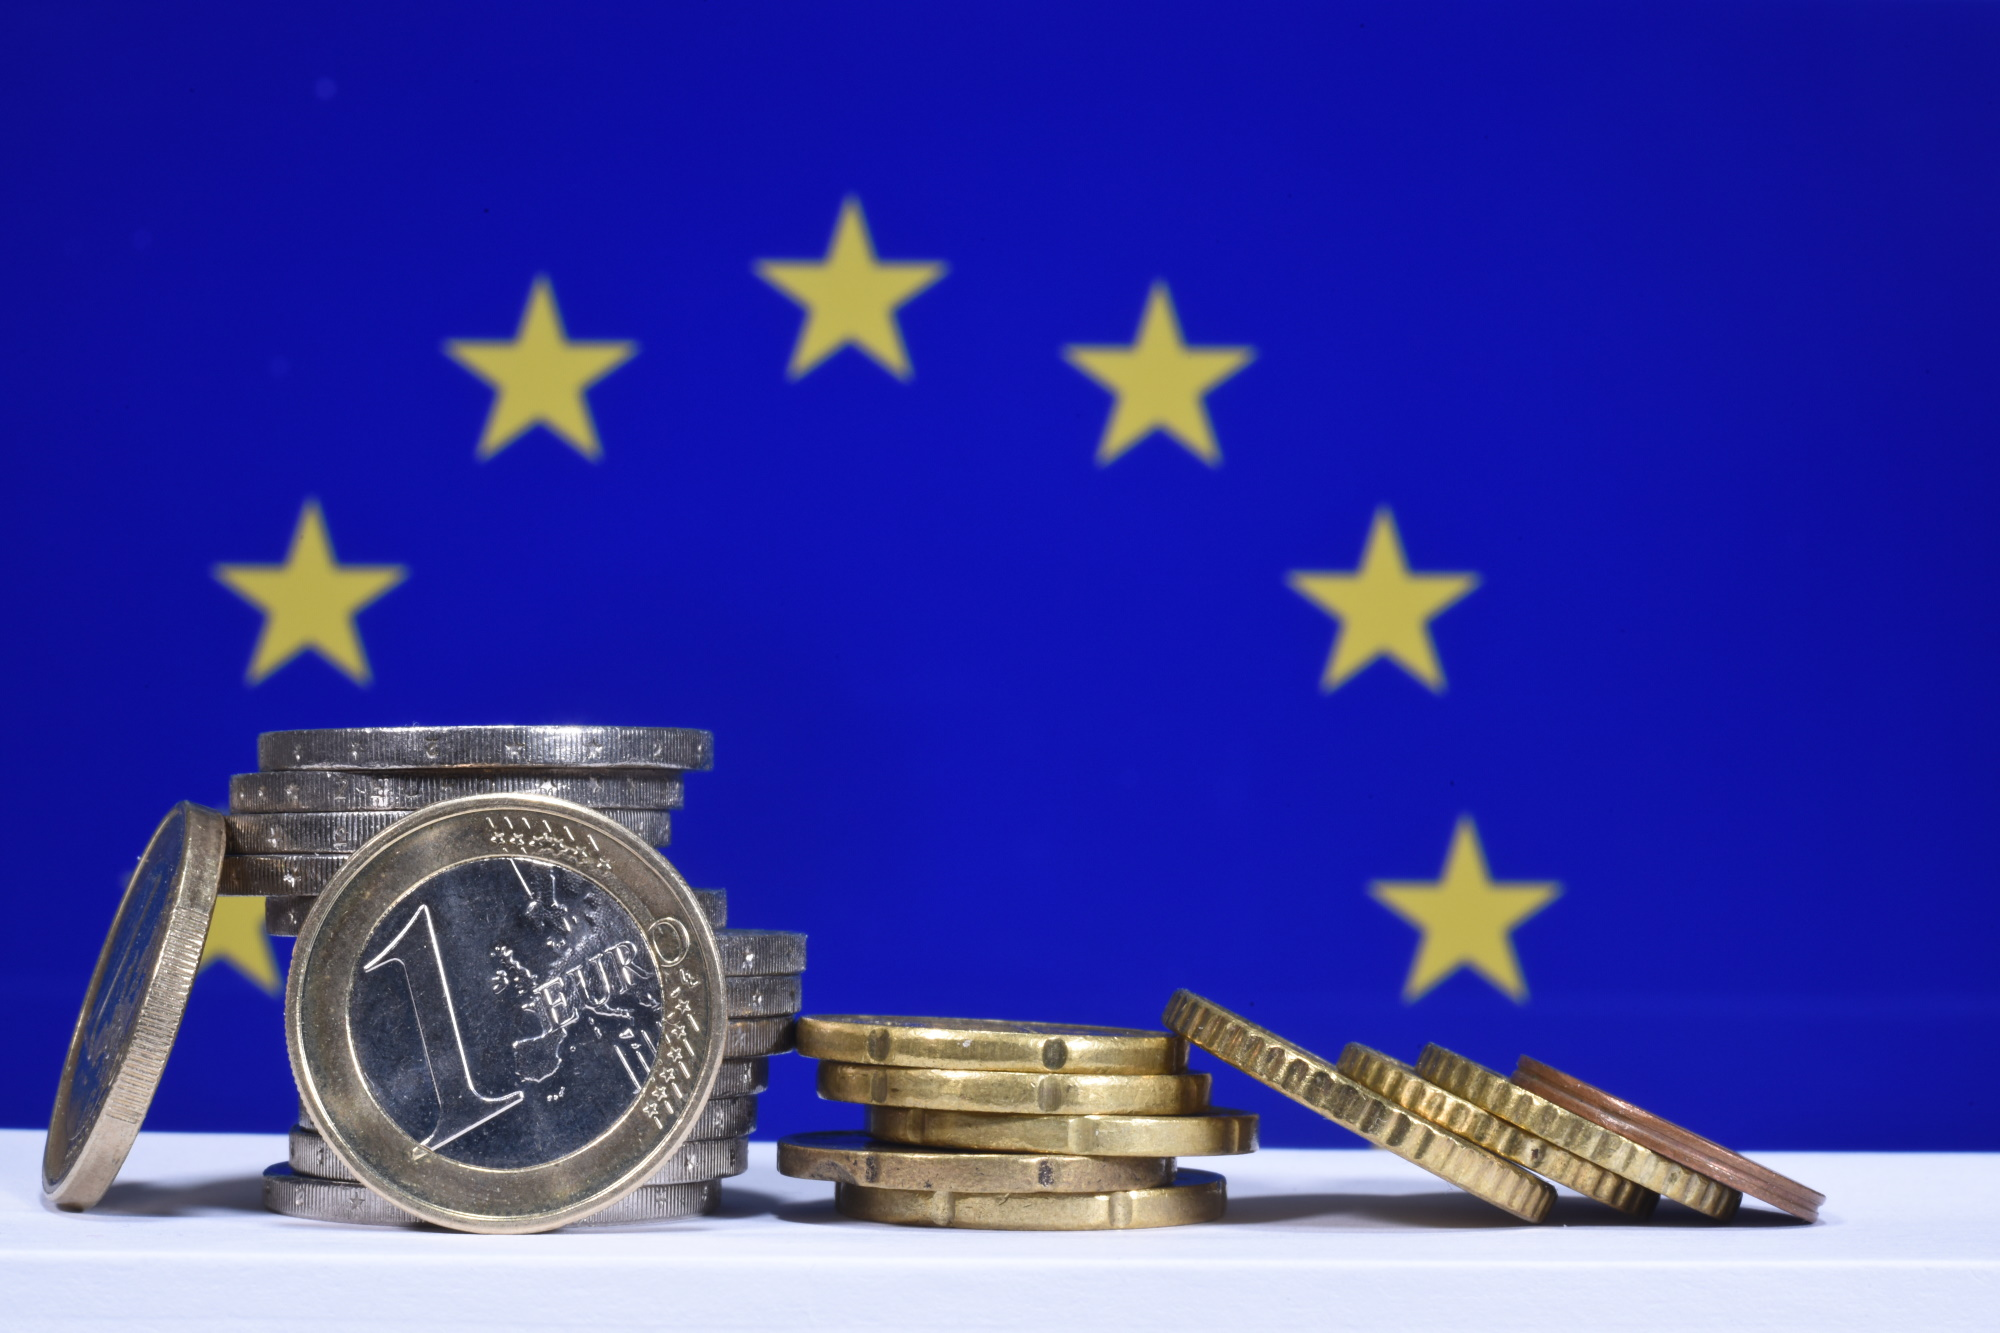 El Banco Europeo de Inversiones dará a conocer mecanismos de financiación para soluciones de transporte y movilidad sostenibles